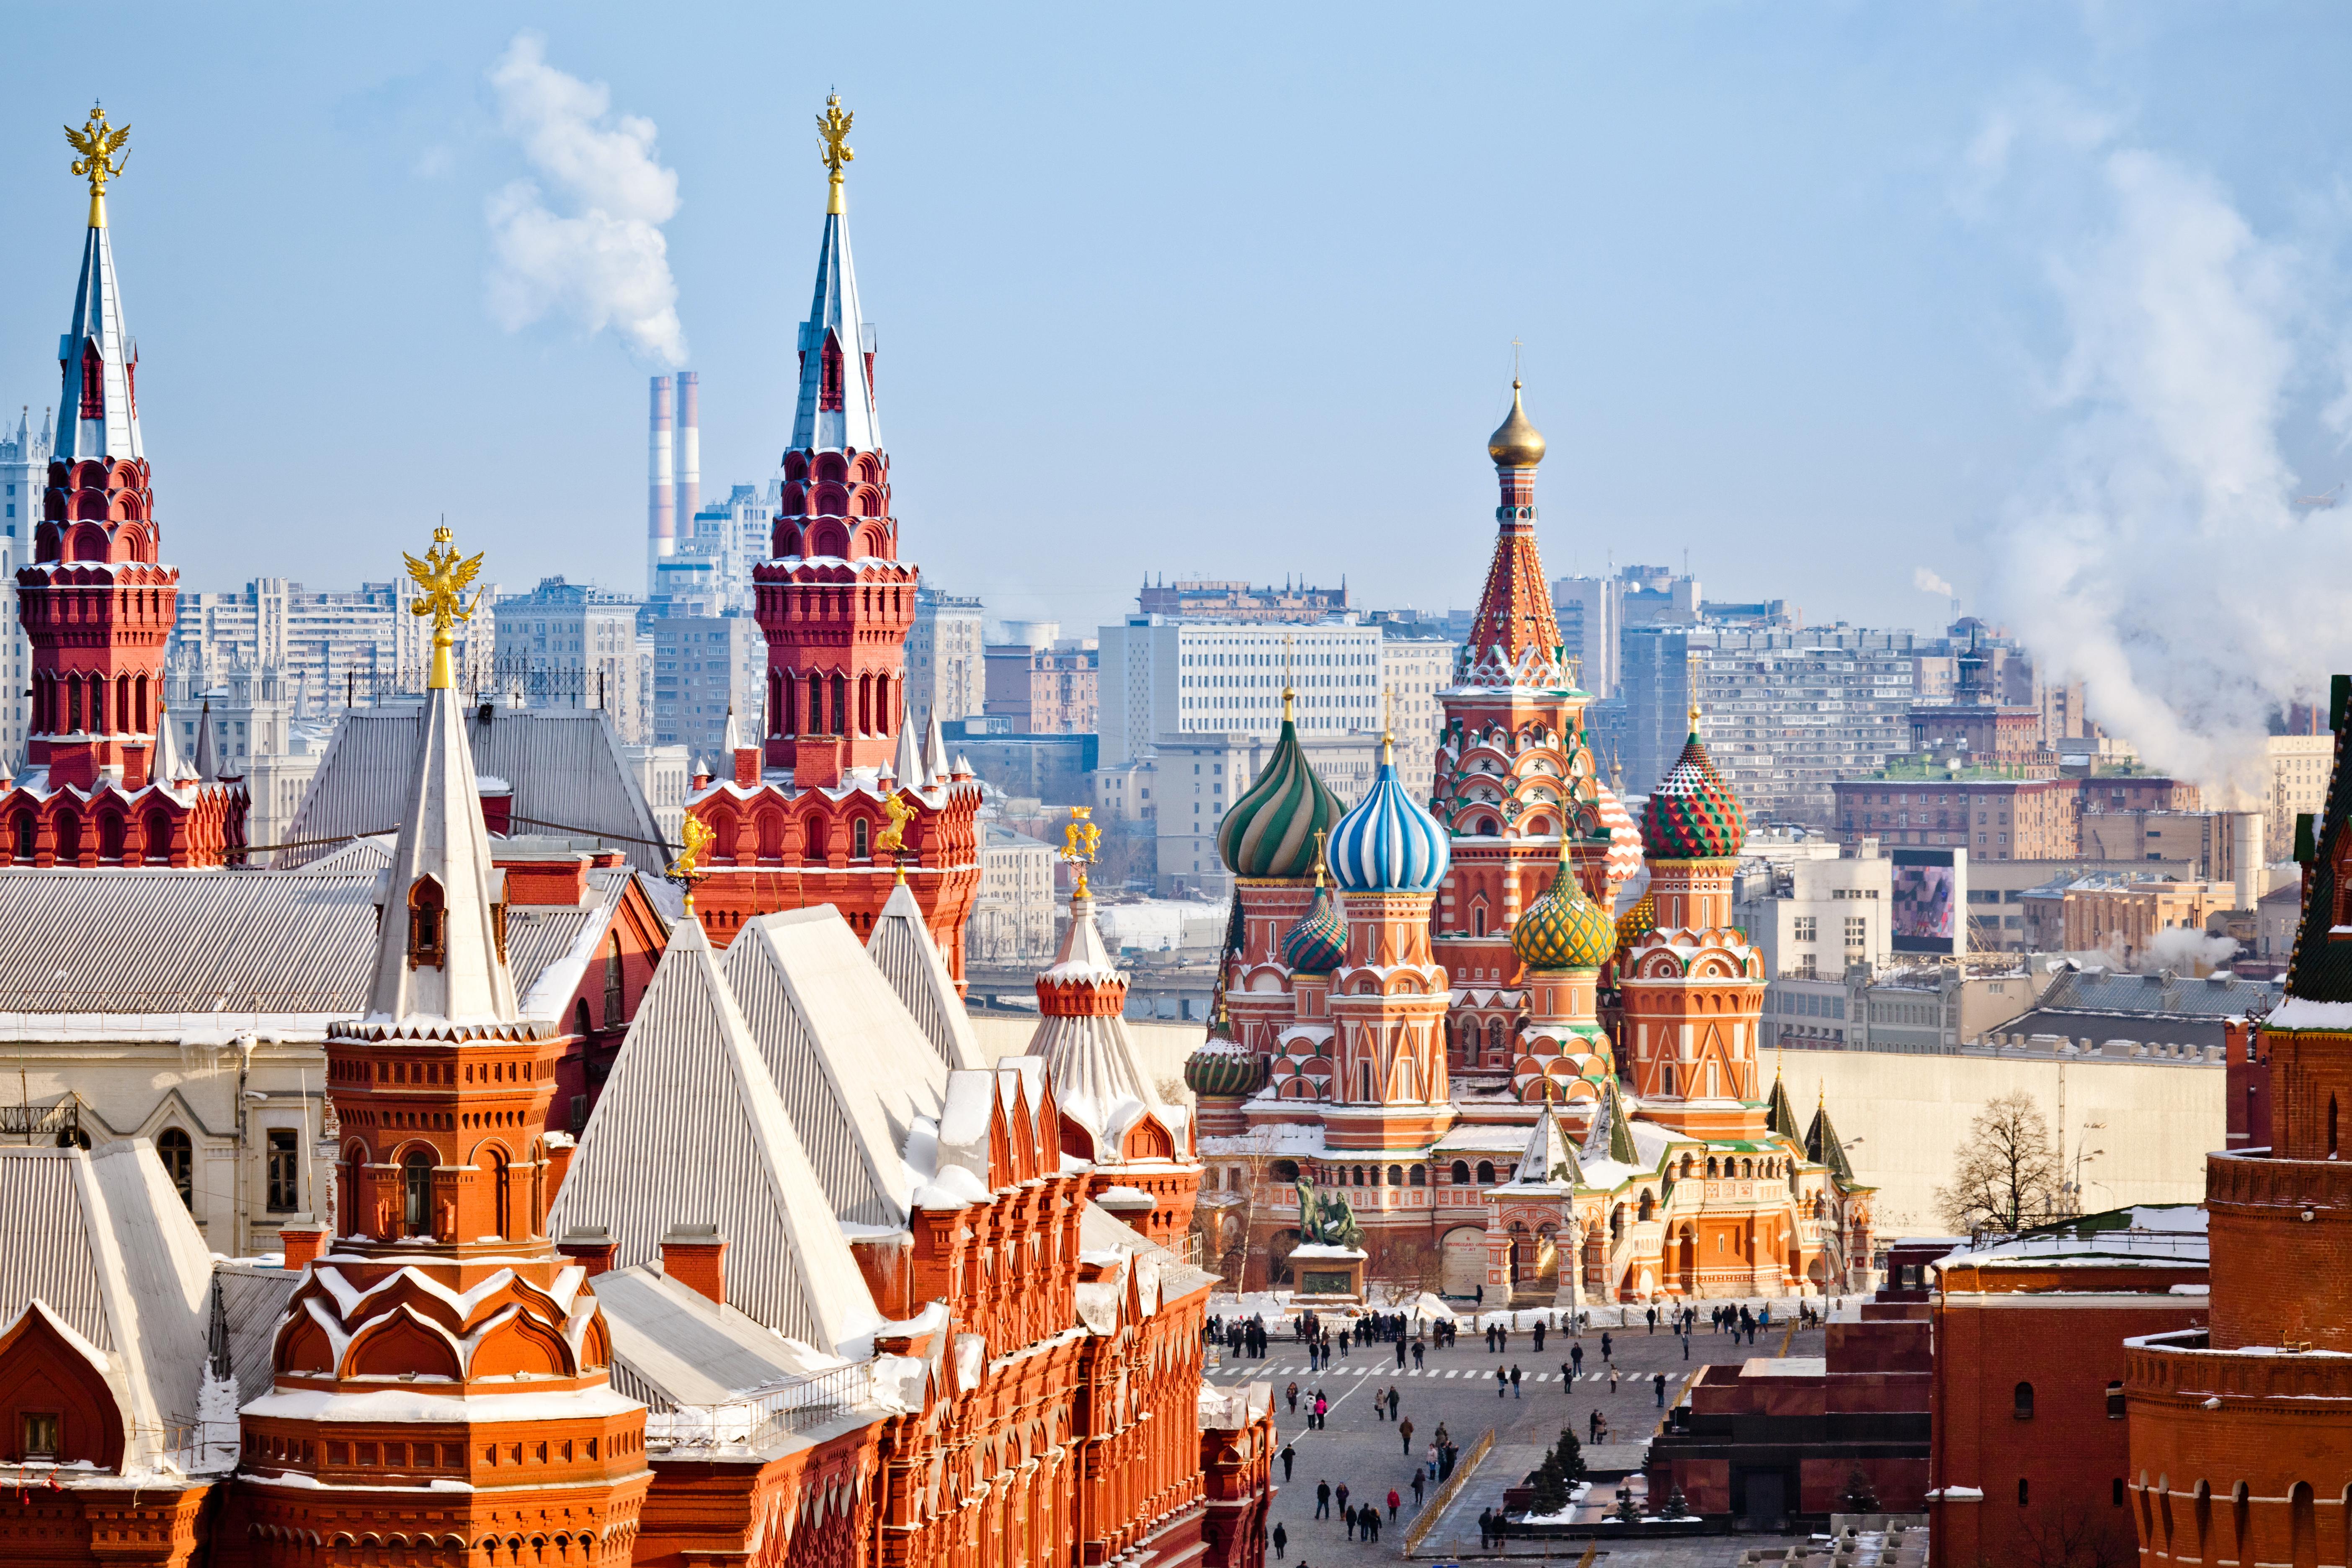 <p><strong>В Русия е студено през цялата година</strong><br /> Първата ни асоциация за тази държава е Червения площад в Москва, който е затрупан от сняг, независимо от сезона. Русия, обаче е една от държавите с толкова голяма площ, че има няколко климатични зони &ndash; от степи на юг, до тундра на север.&nbsp;</p>